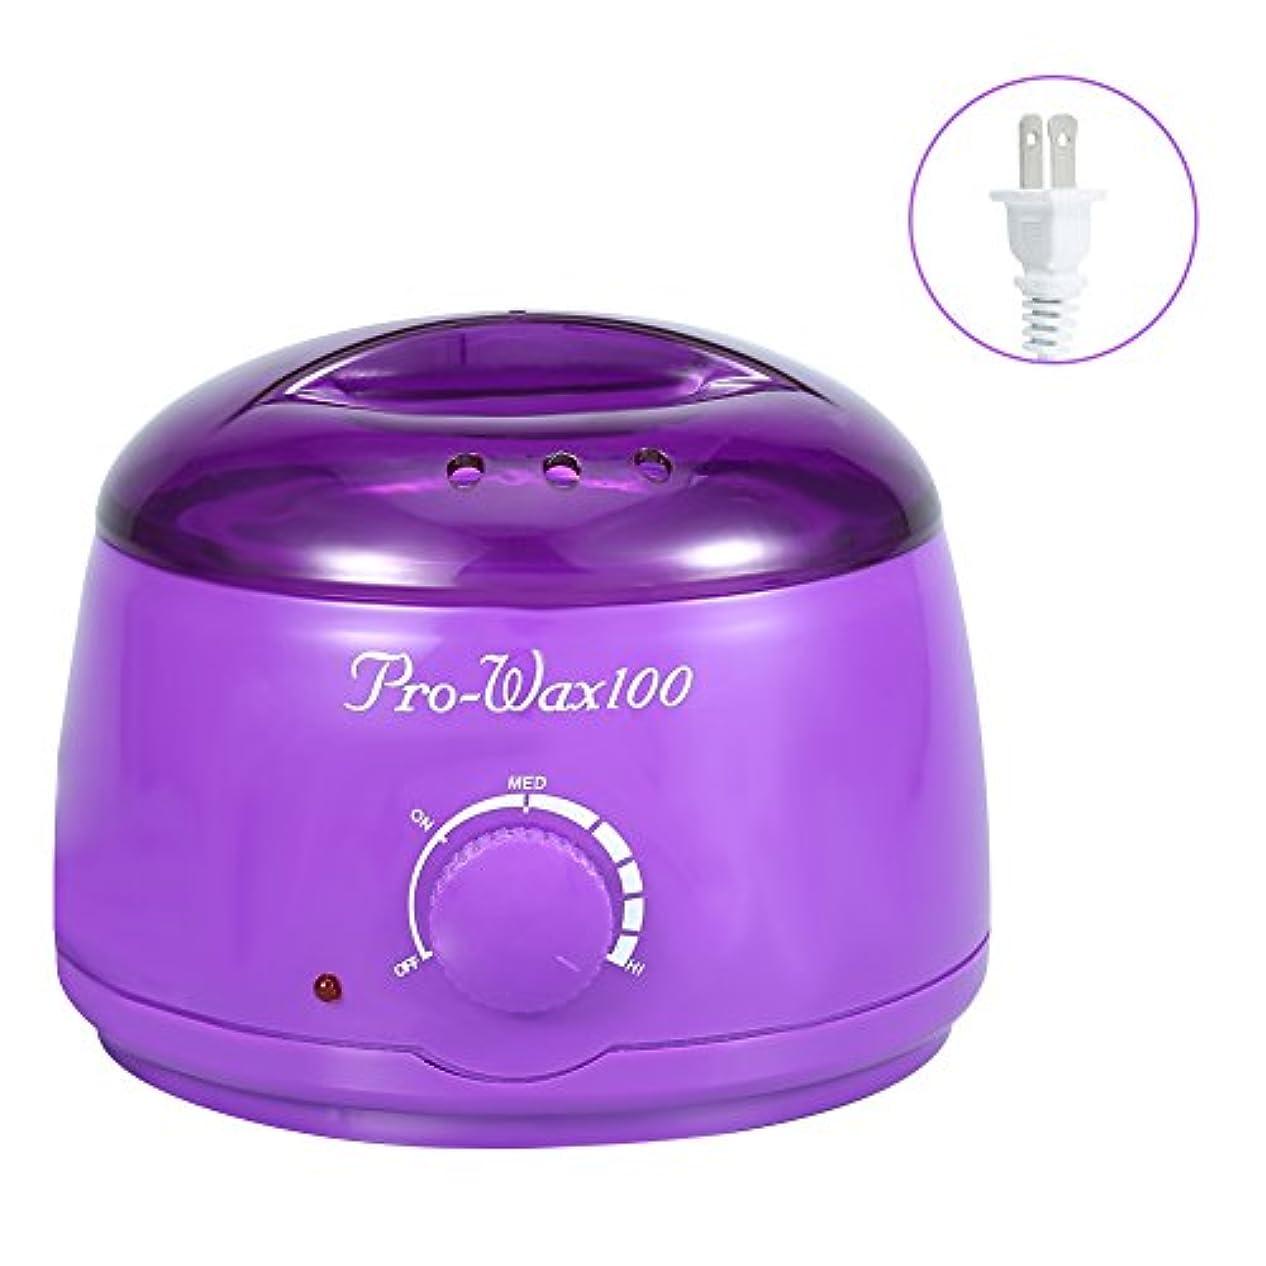 ゆり寝る織るワックス脱毛ワックスヒーター+ 4 x 100g異なるワックス豆+ 10個ワックススティックプロフェッショナルワックス脱毛セット(紫色)